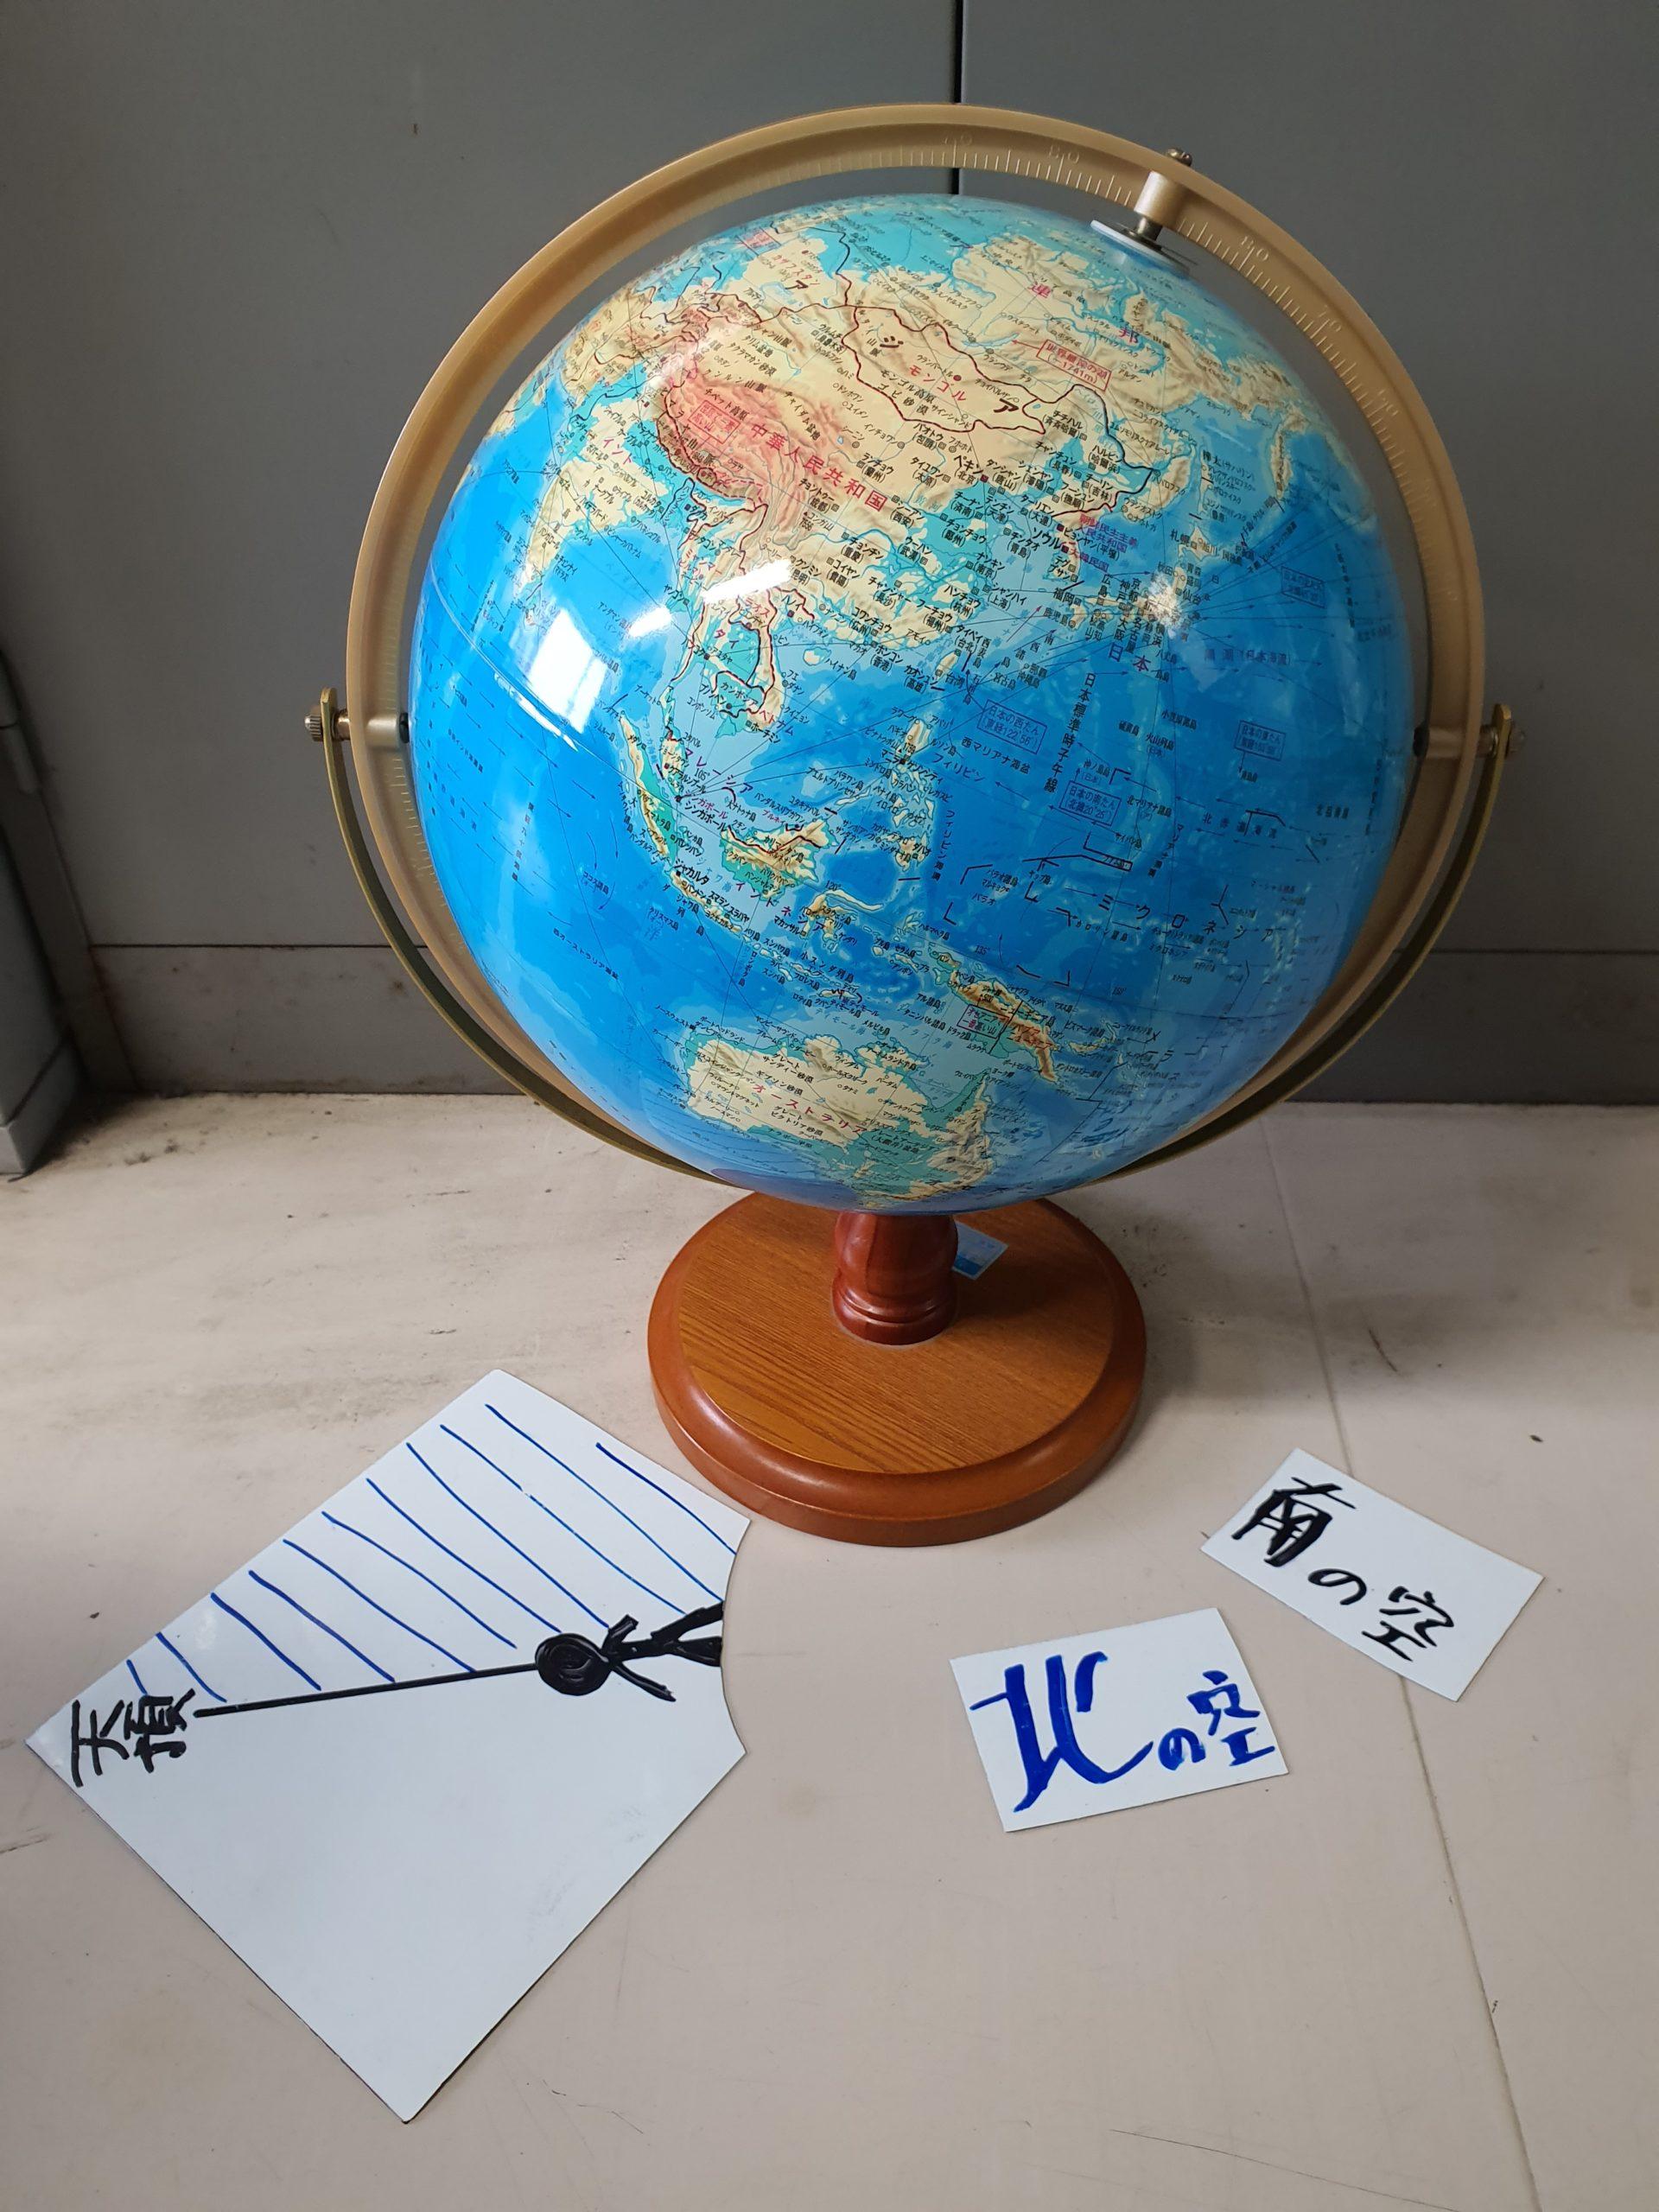 北半球と南半球での方位を伝える教材